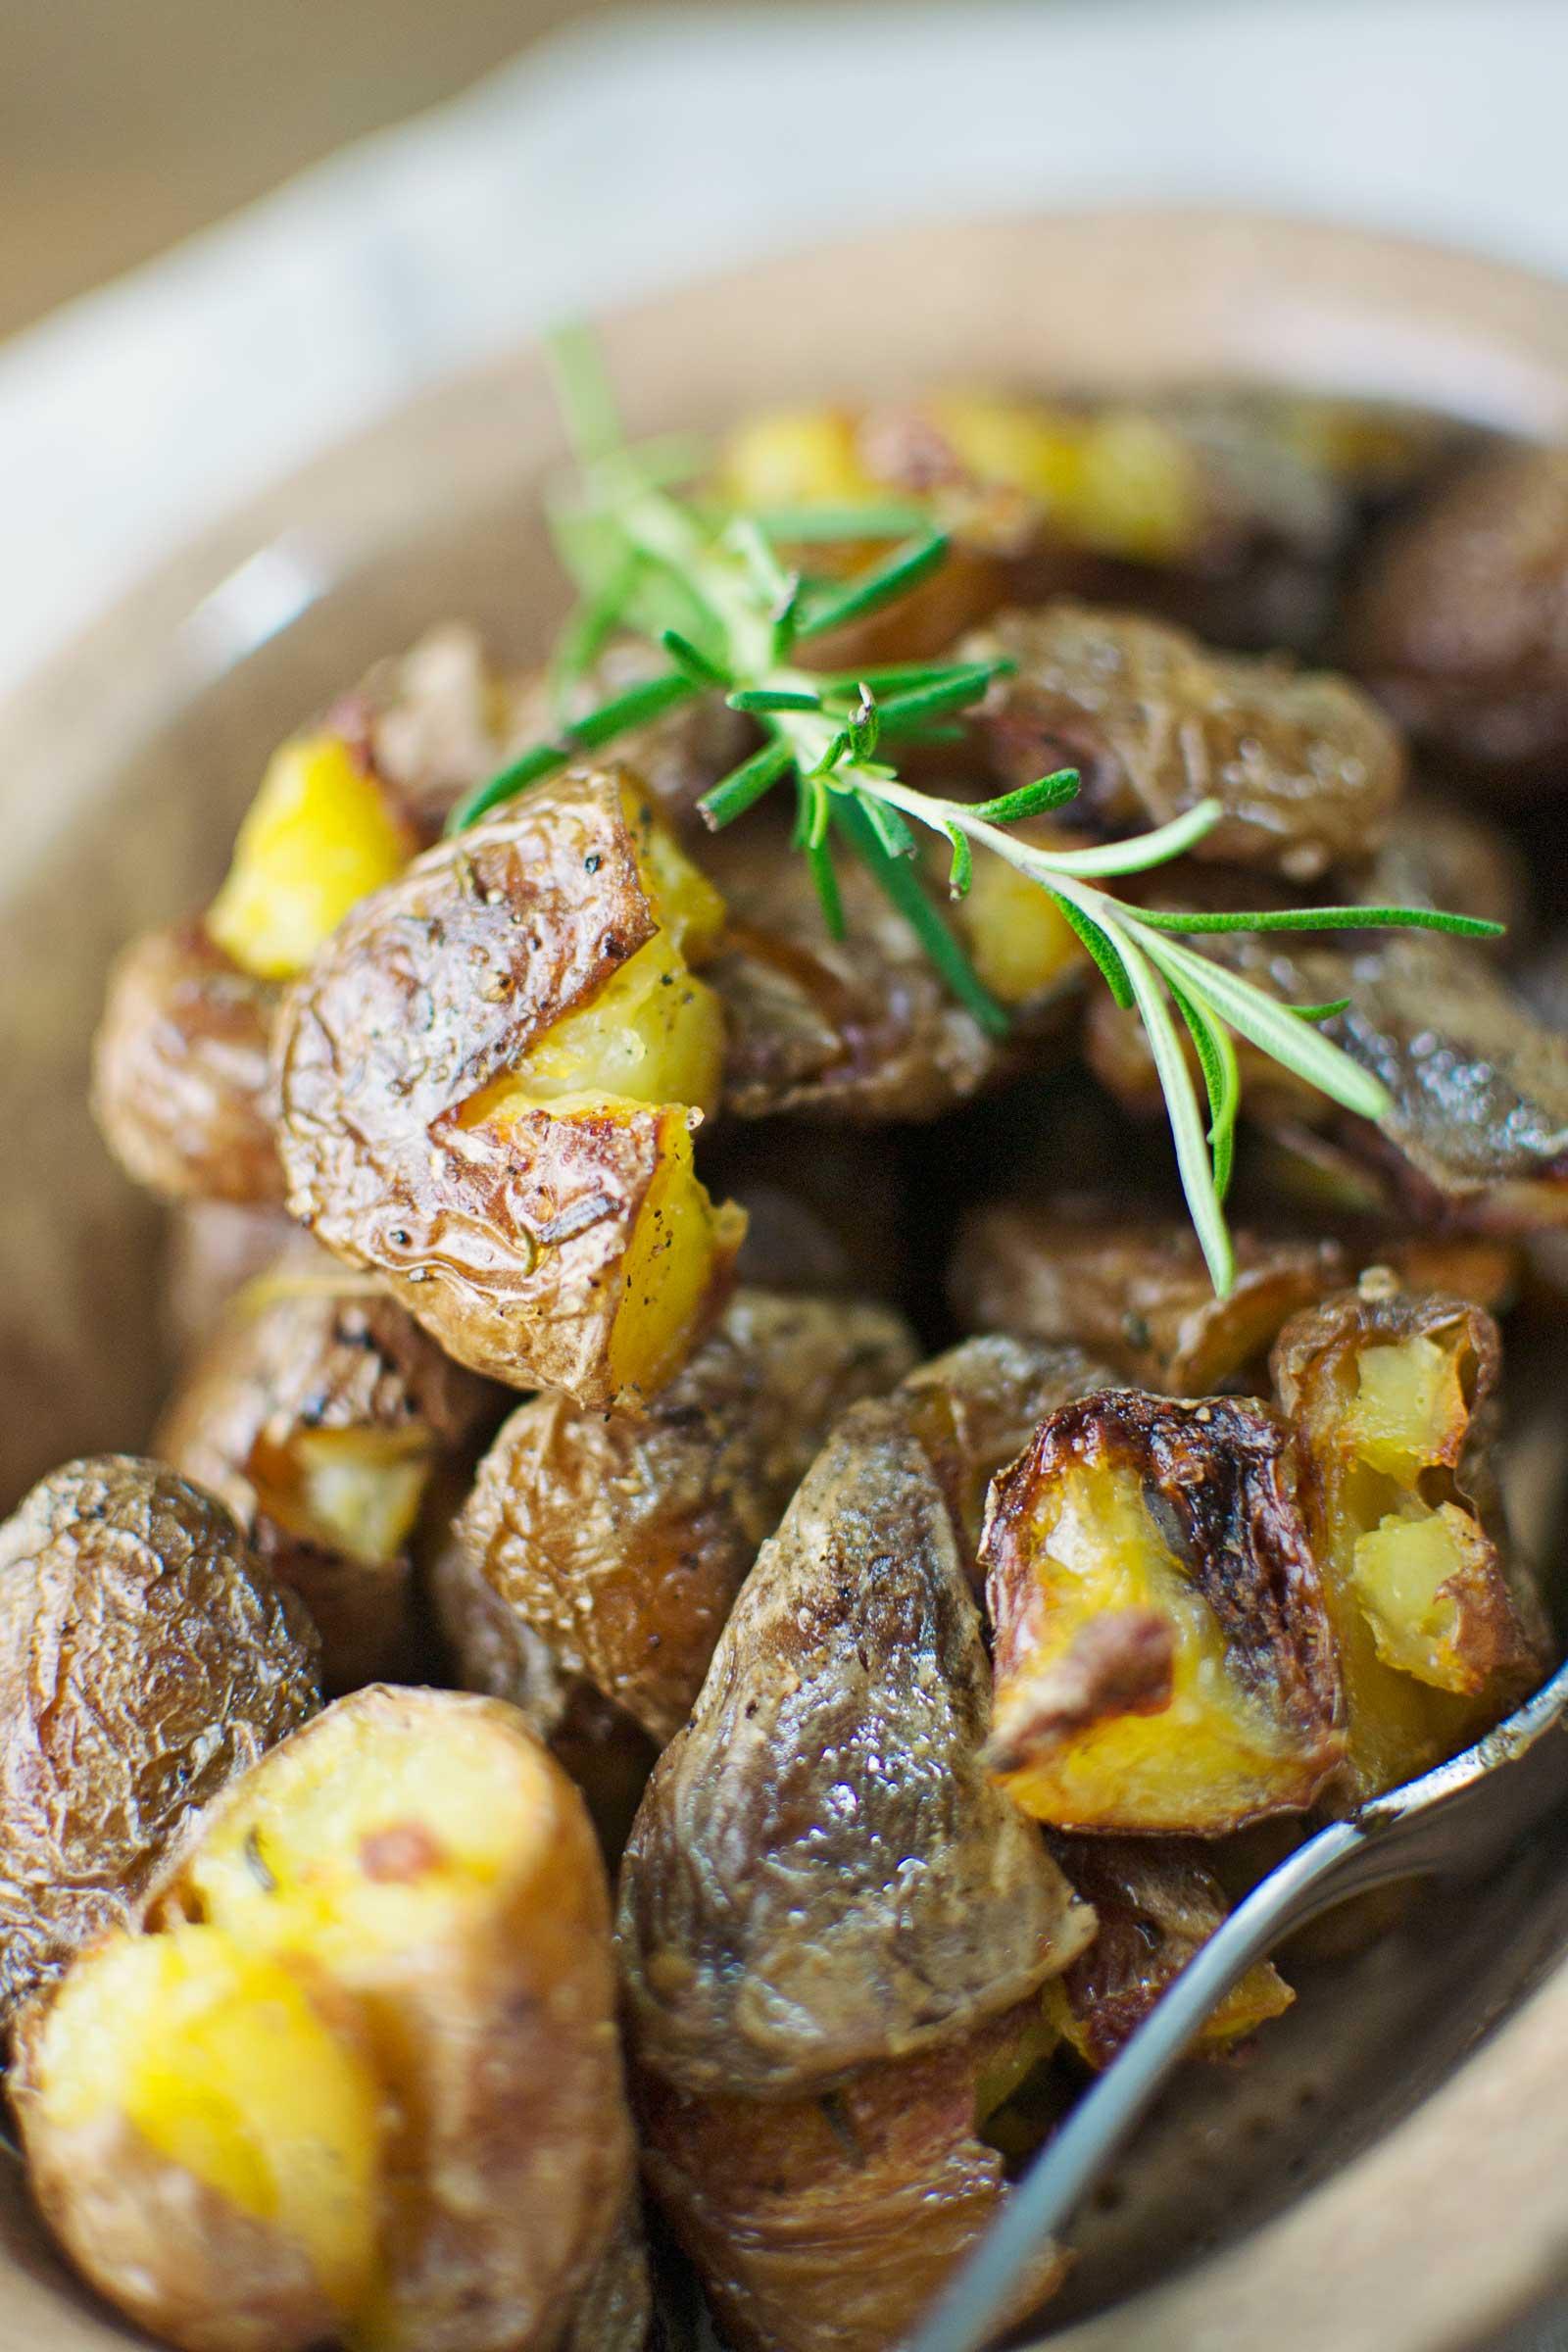 Perfectly Roasted Potatoes - @LittleFiggyFood - #Potatoes